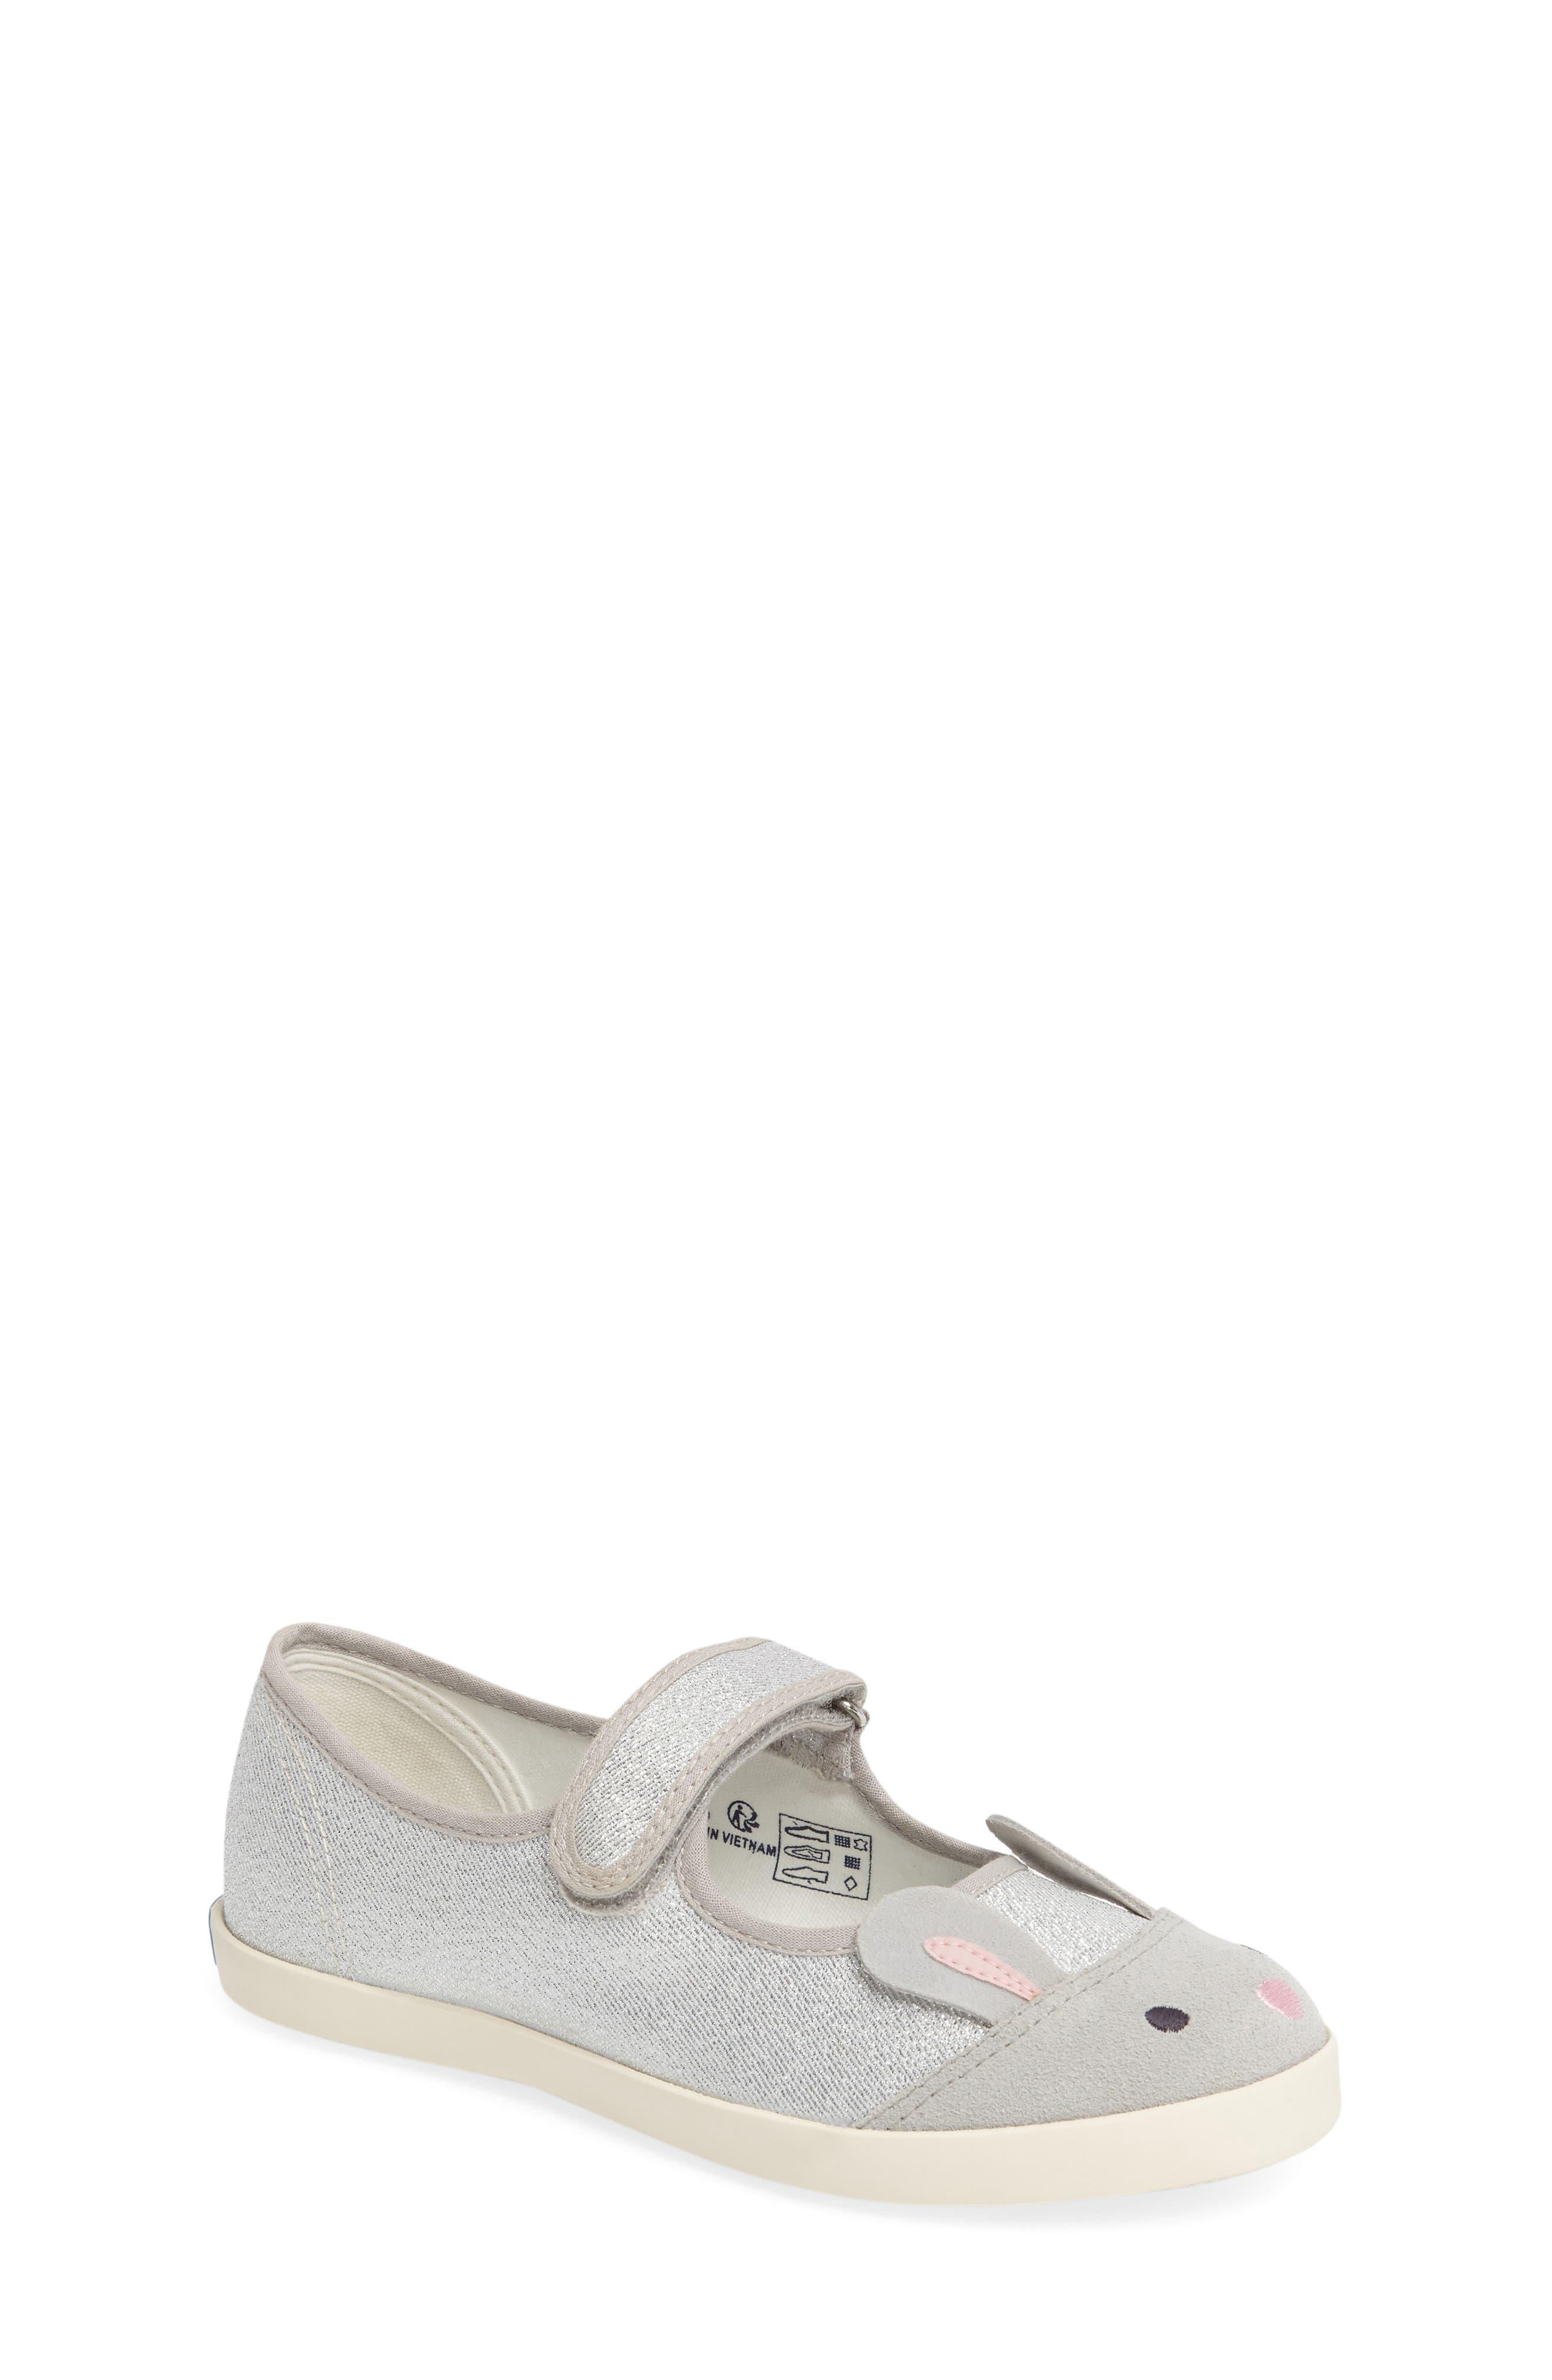 Mini Boden Mary Jane Sneaker (Toddler, Little Kid & Big Kid)